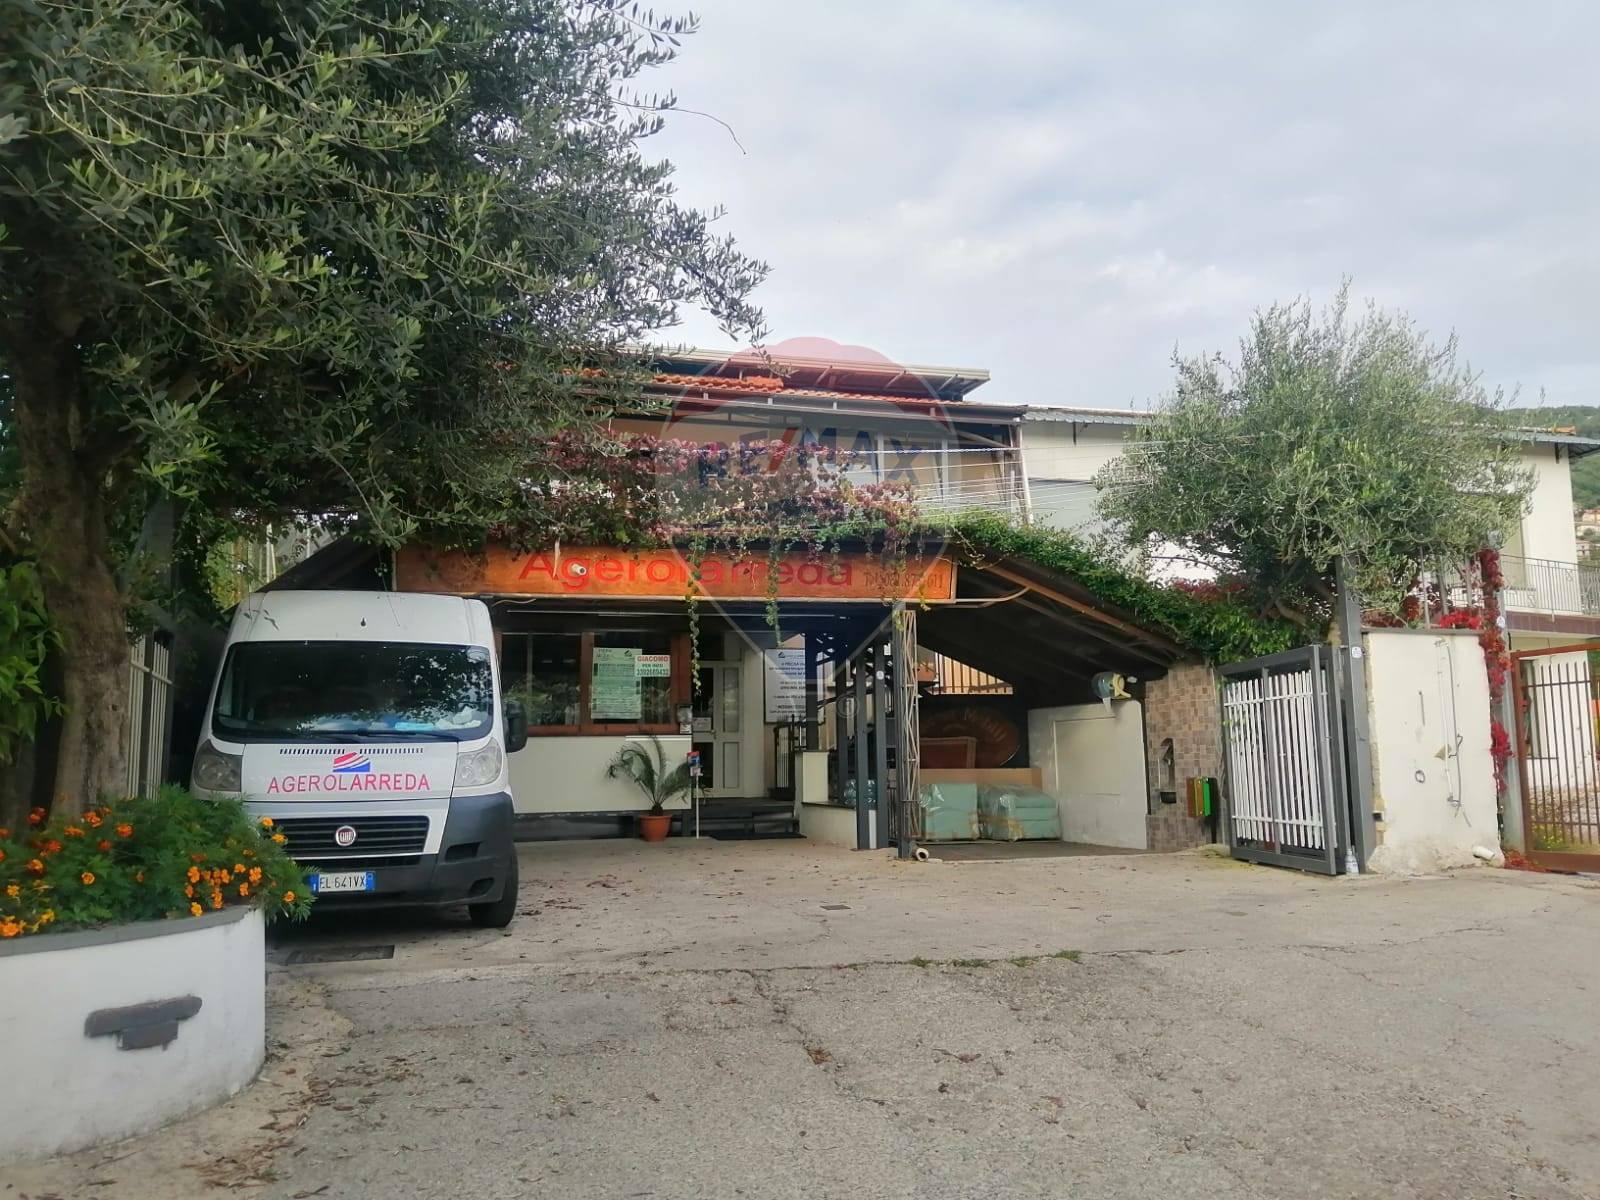 Negozio / Locale in vendita a Agerola, 9999 locali, zona Zona: Ponte, prezzo € 850.000 | CambioCasa.it